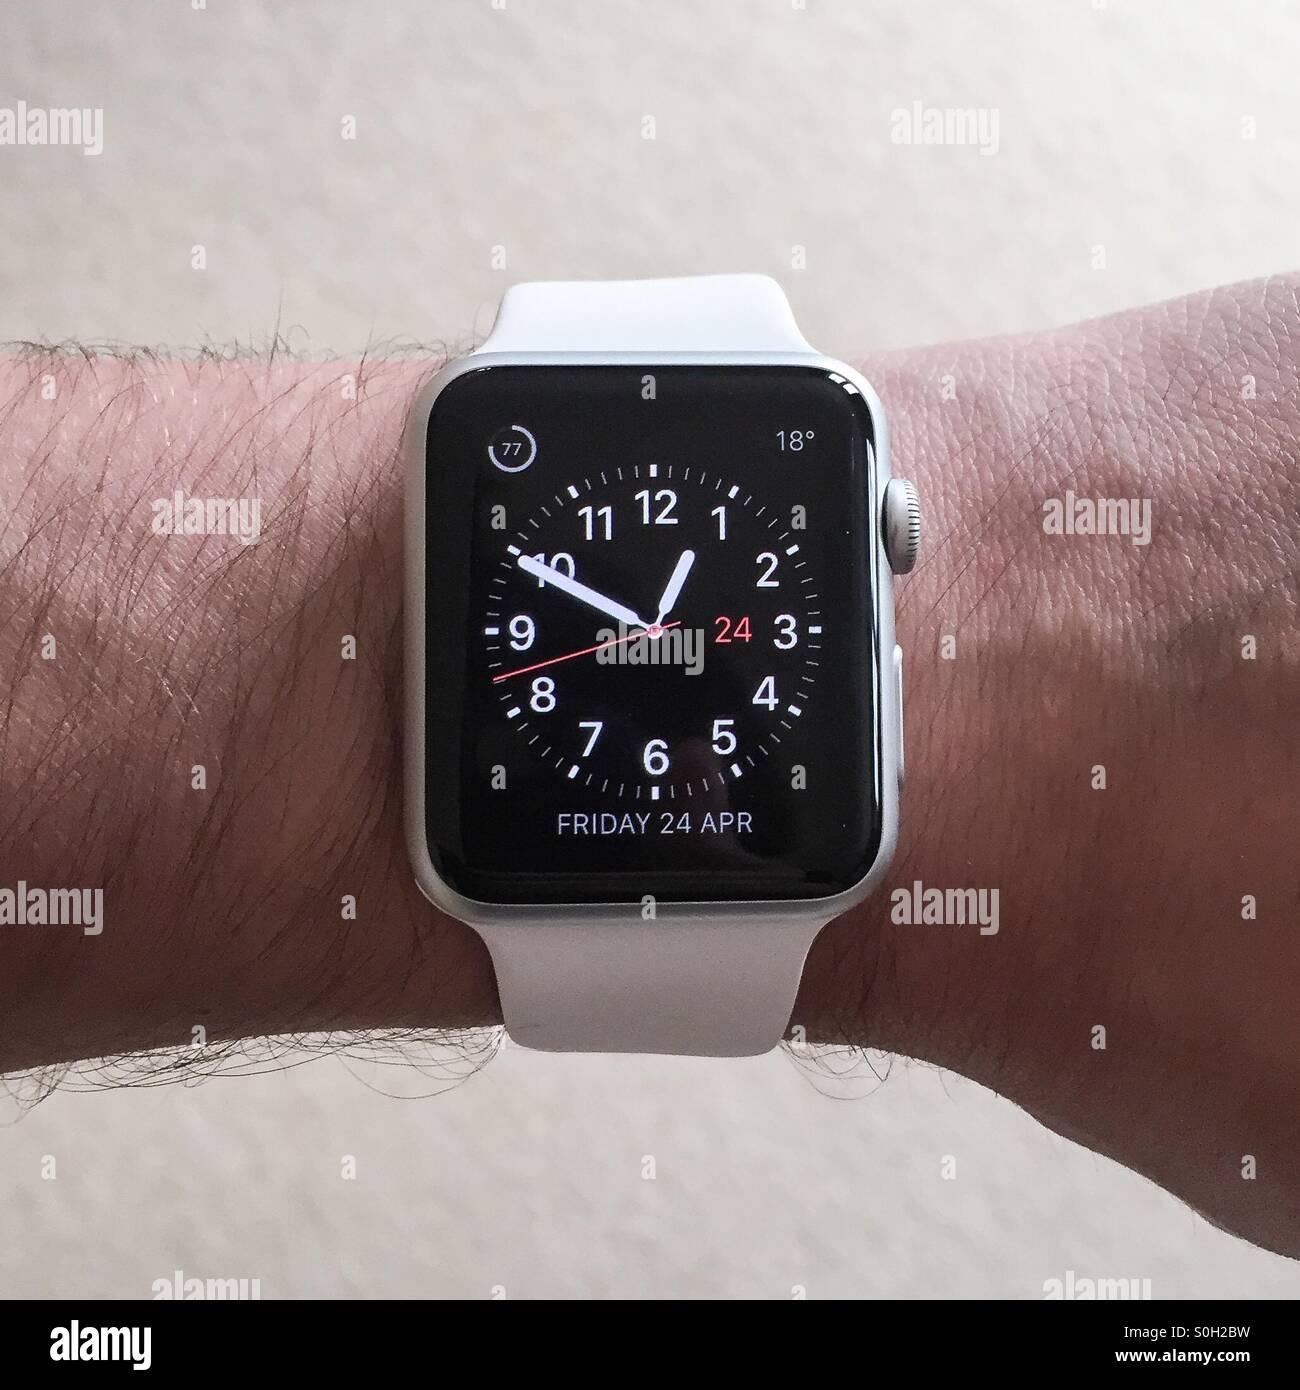 L'Apple Watch blanc, sport, smartwatch montre de haut en bas sur le poignet soit activé pour afficher l'heure Photo Stock